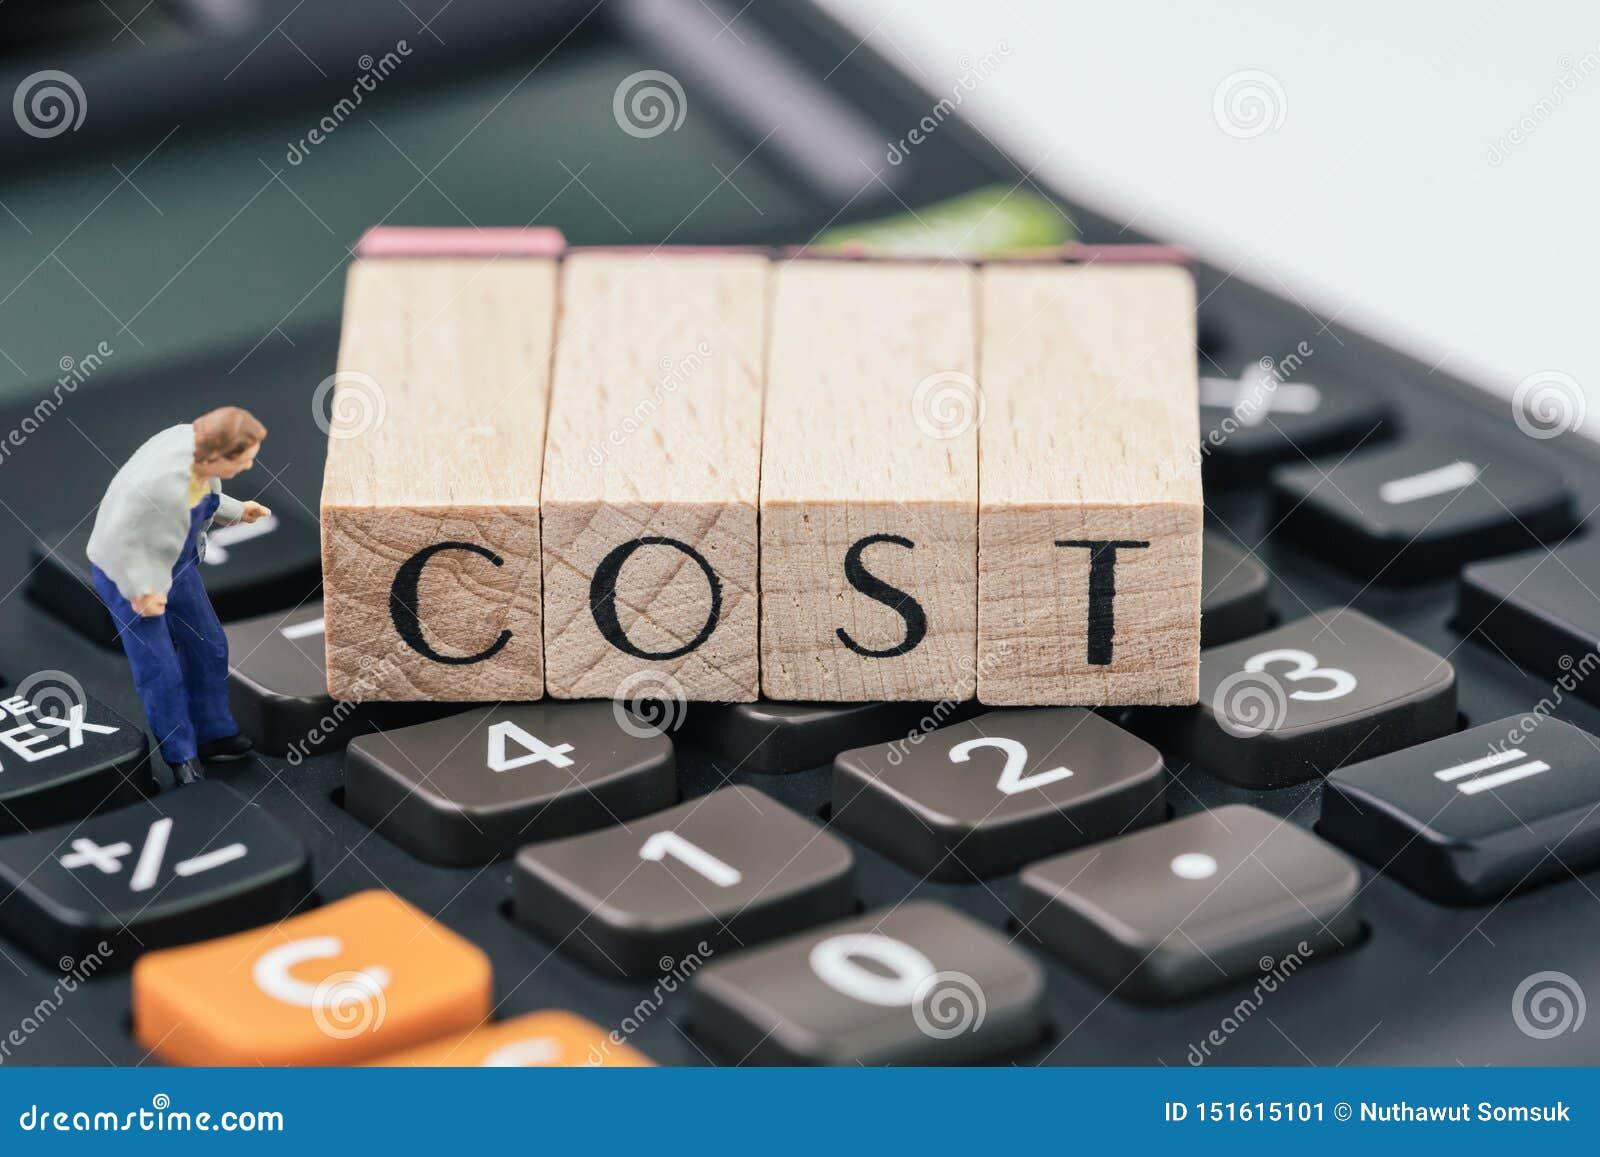 企业或投资成本和费用了悟,微型图,小心地看木邮票块的人安排词